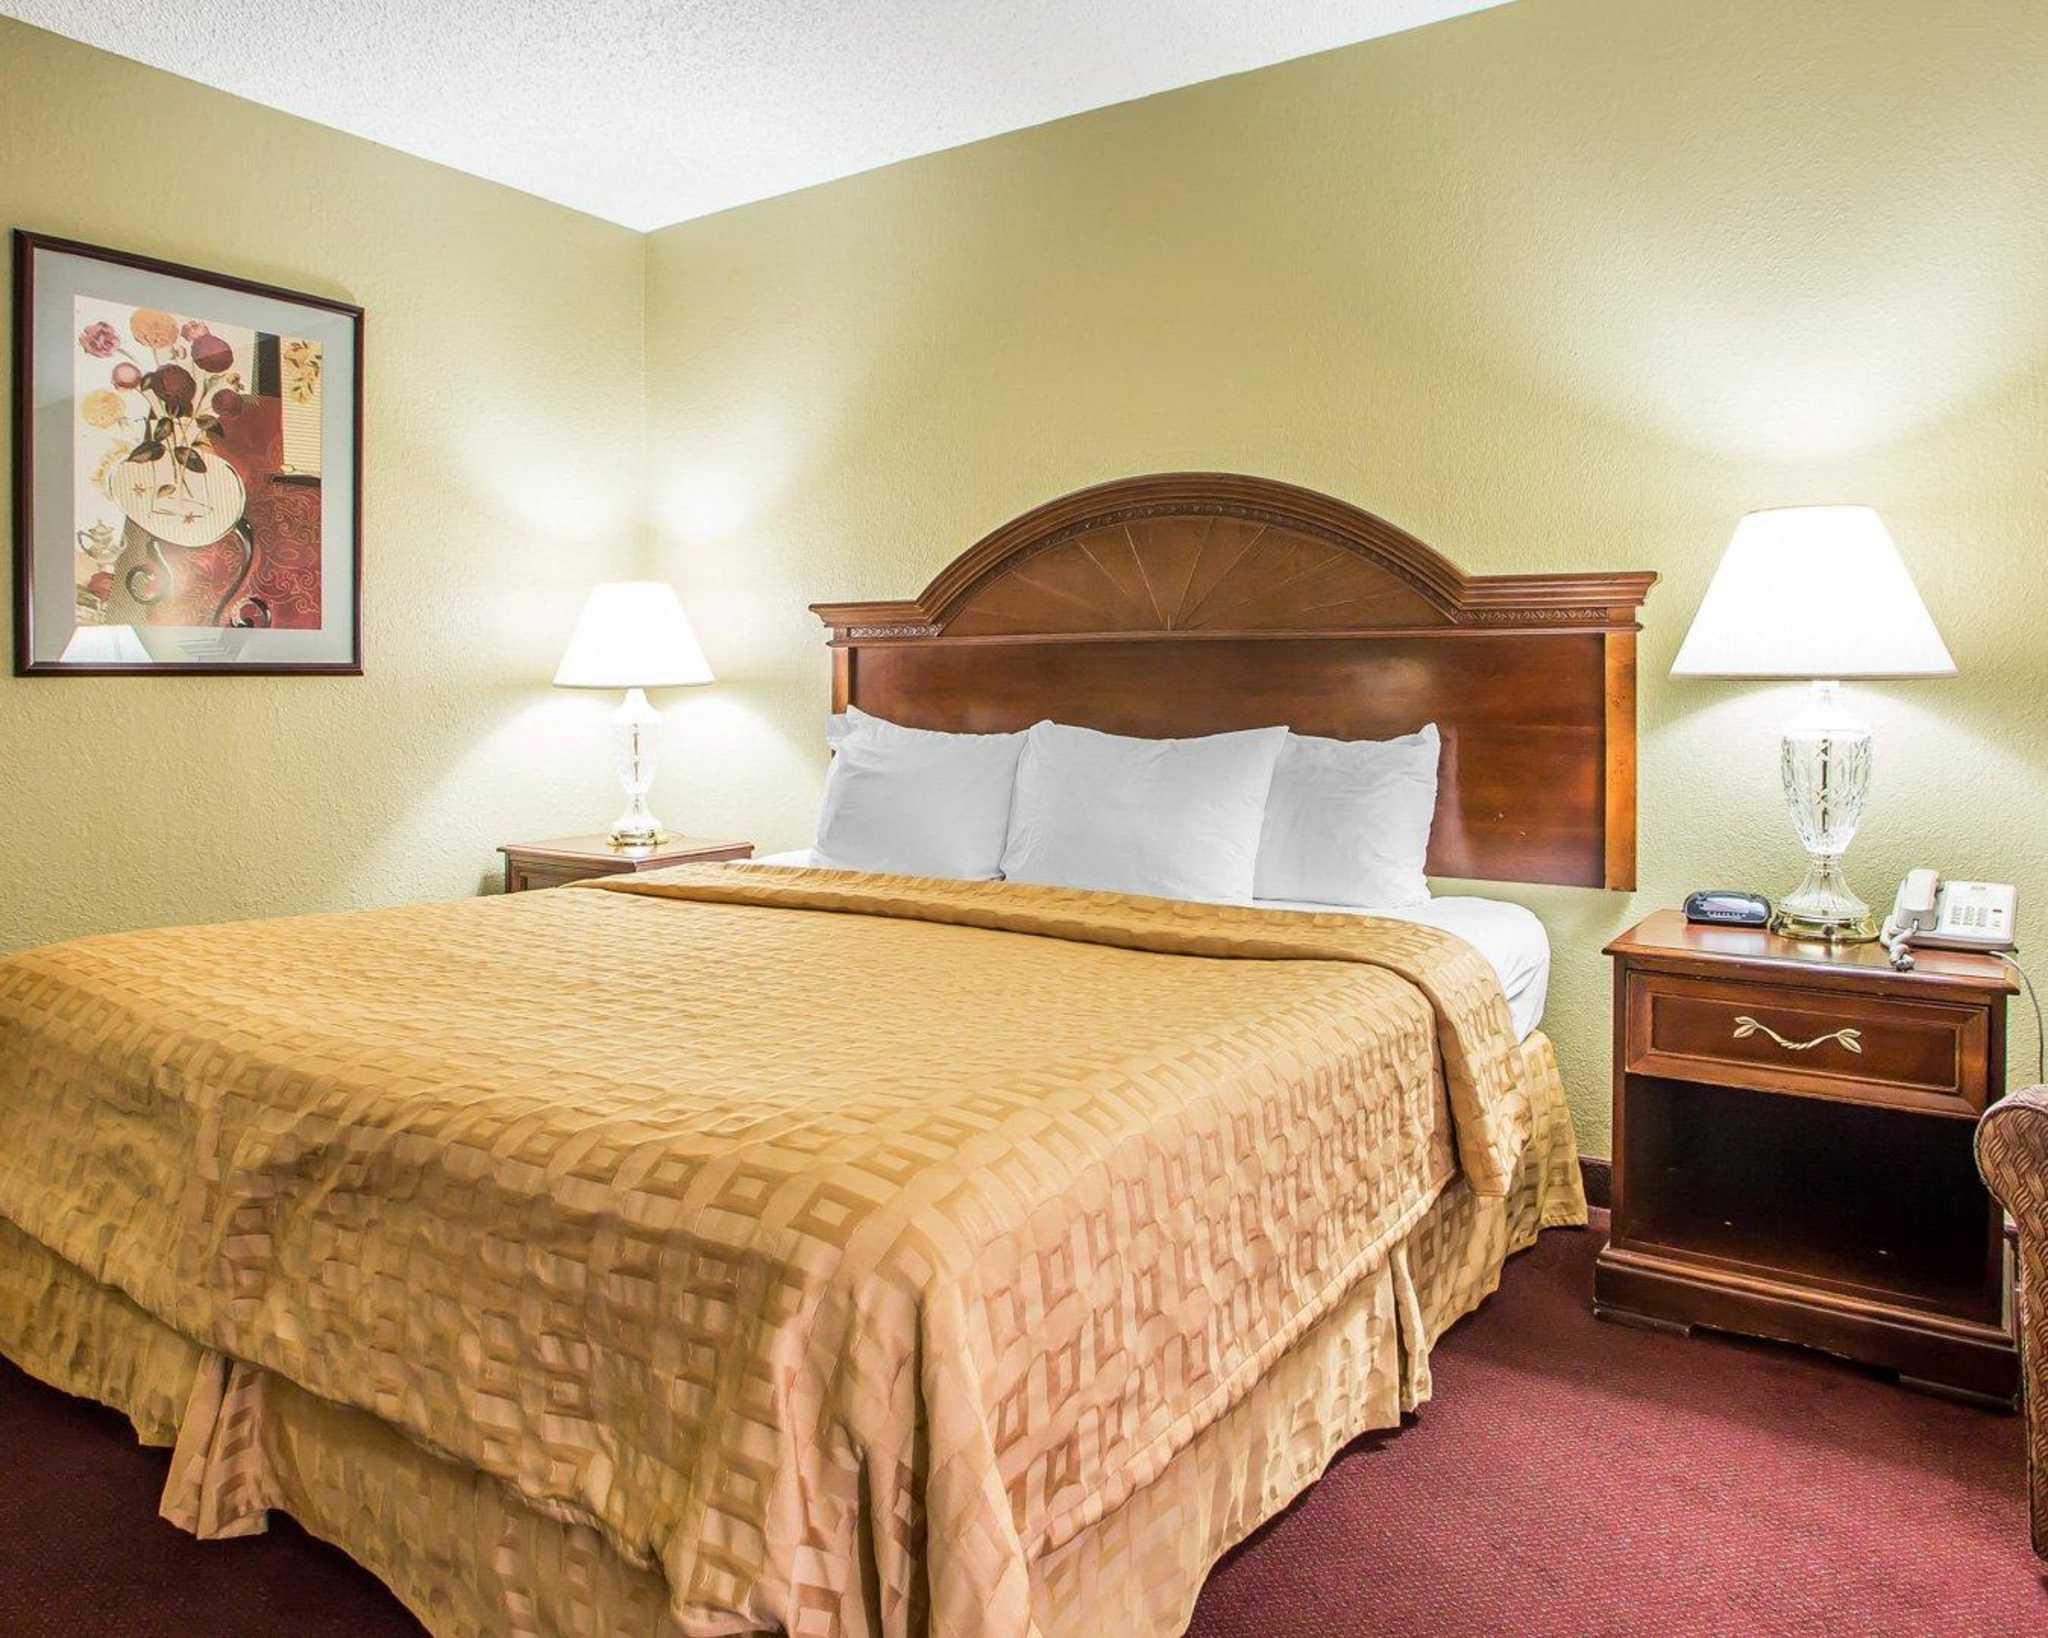 Clarion Hotel Highlander Conference Center image 6